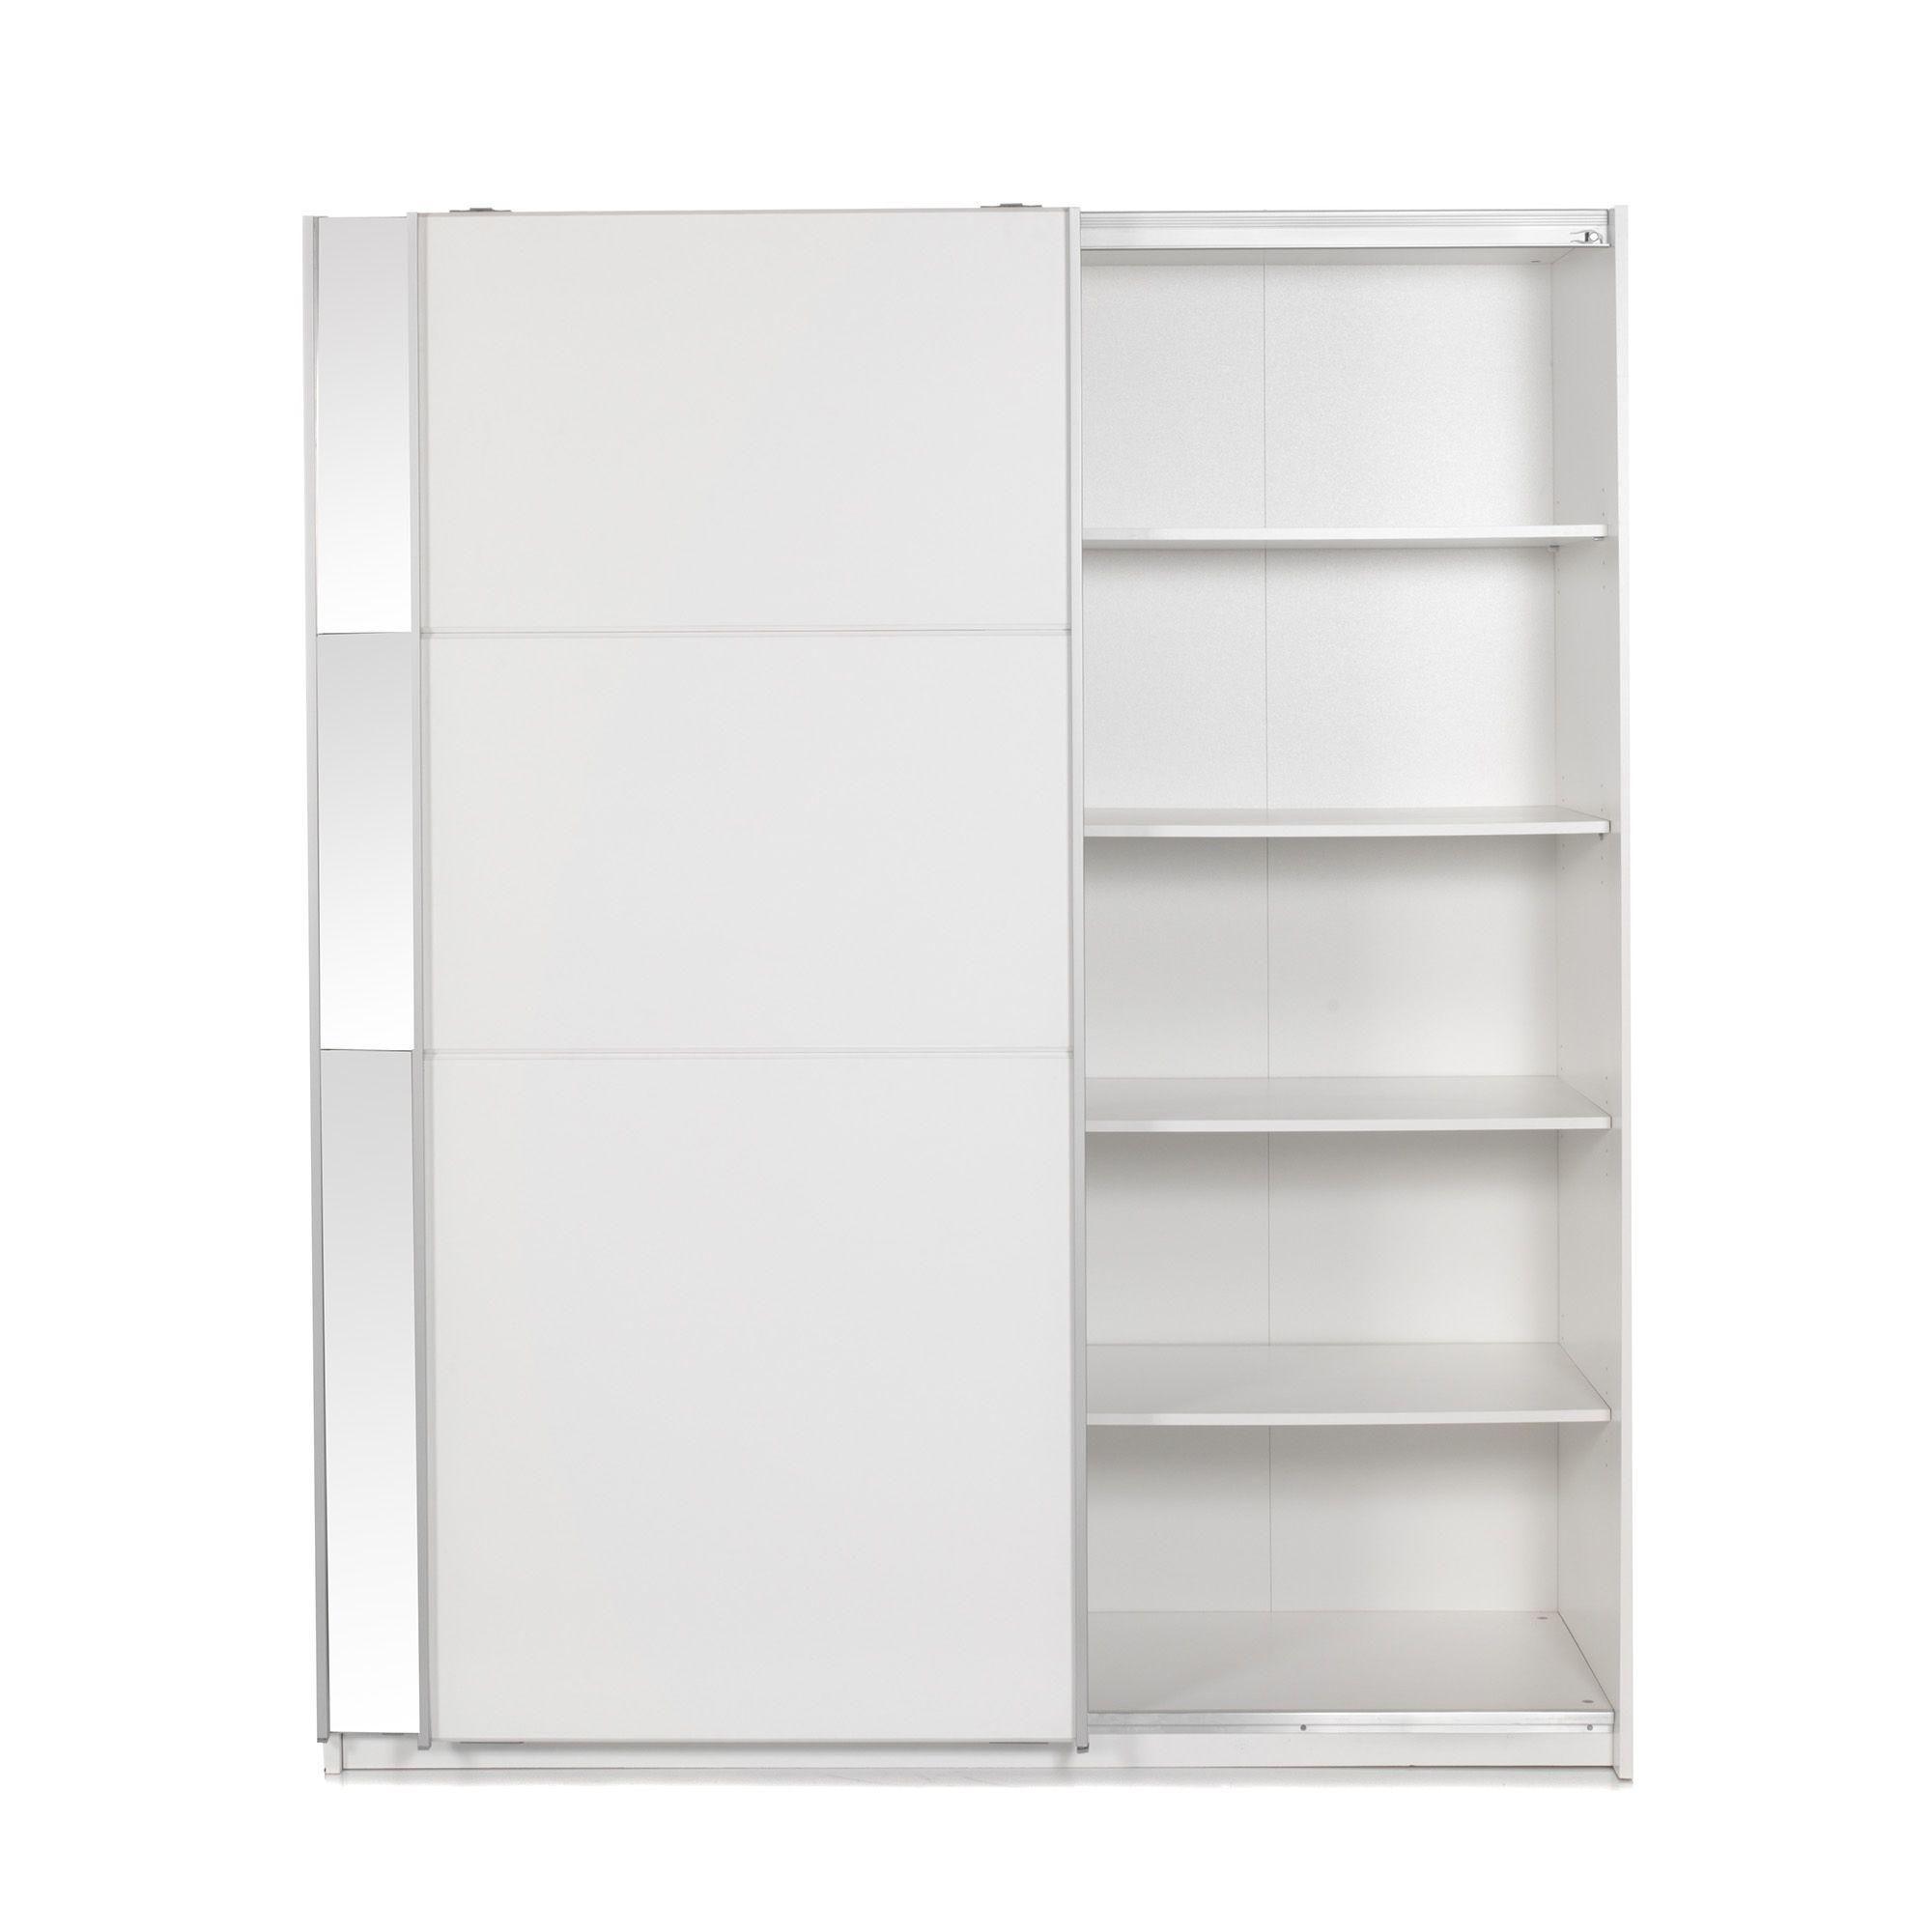 Alin a slidy armoire 2 portes coulissantes pas cher achat vente armoire rueducommerce - Alinea armoire porte coulissante ...